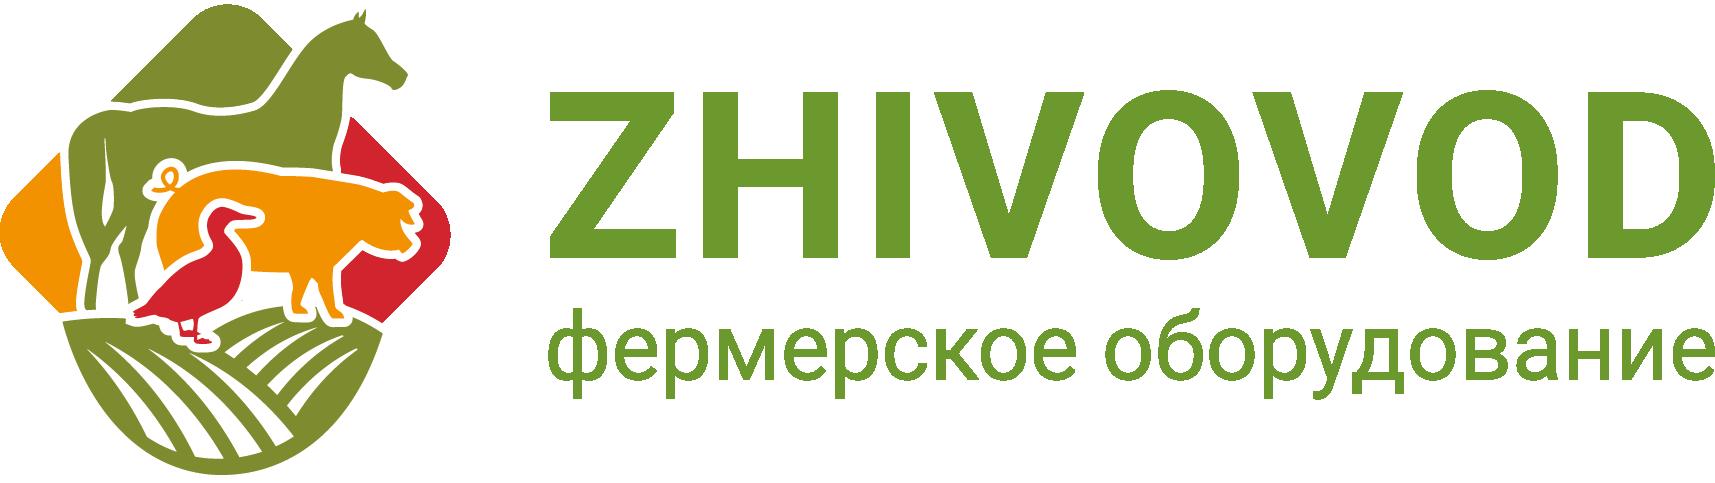 Животновод - интернет магазин товаров для животноводства